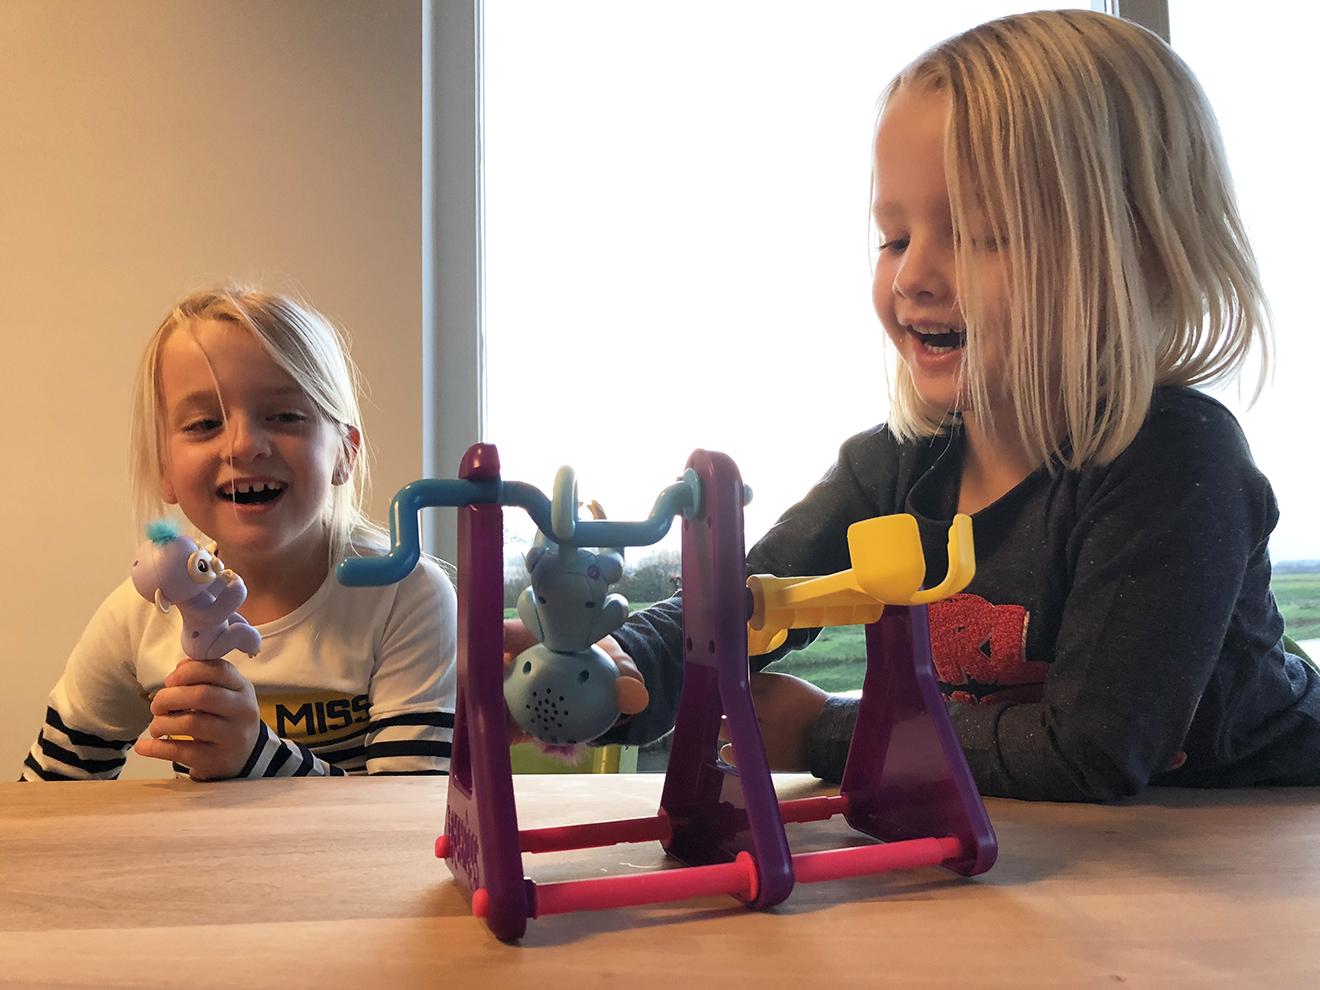 Fingerlings aapje: samen spelen